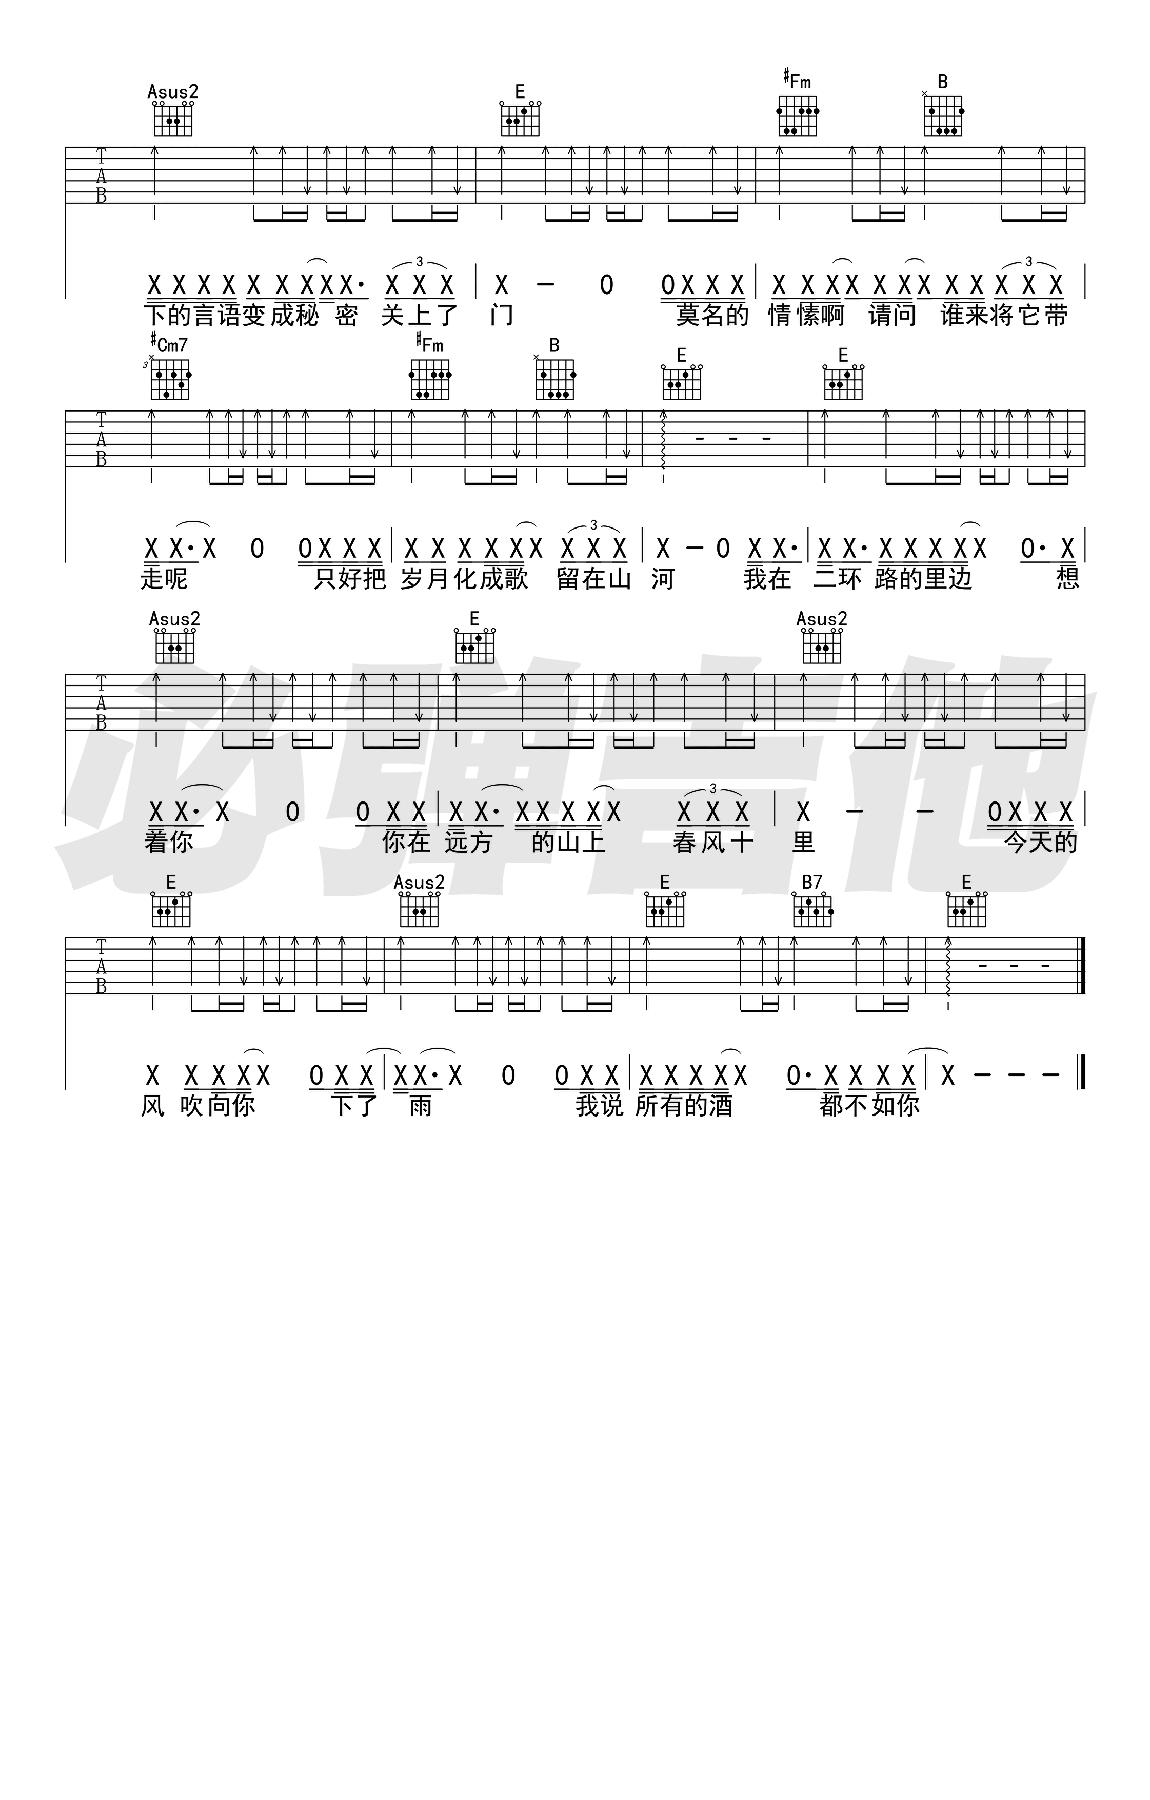 鹿先森乐队-春风十里吉他谱-3